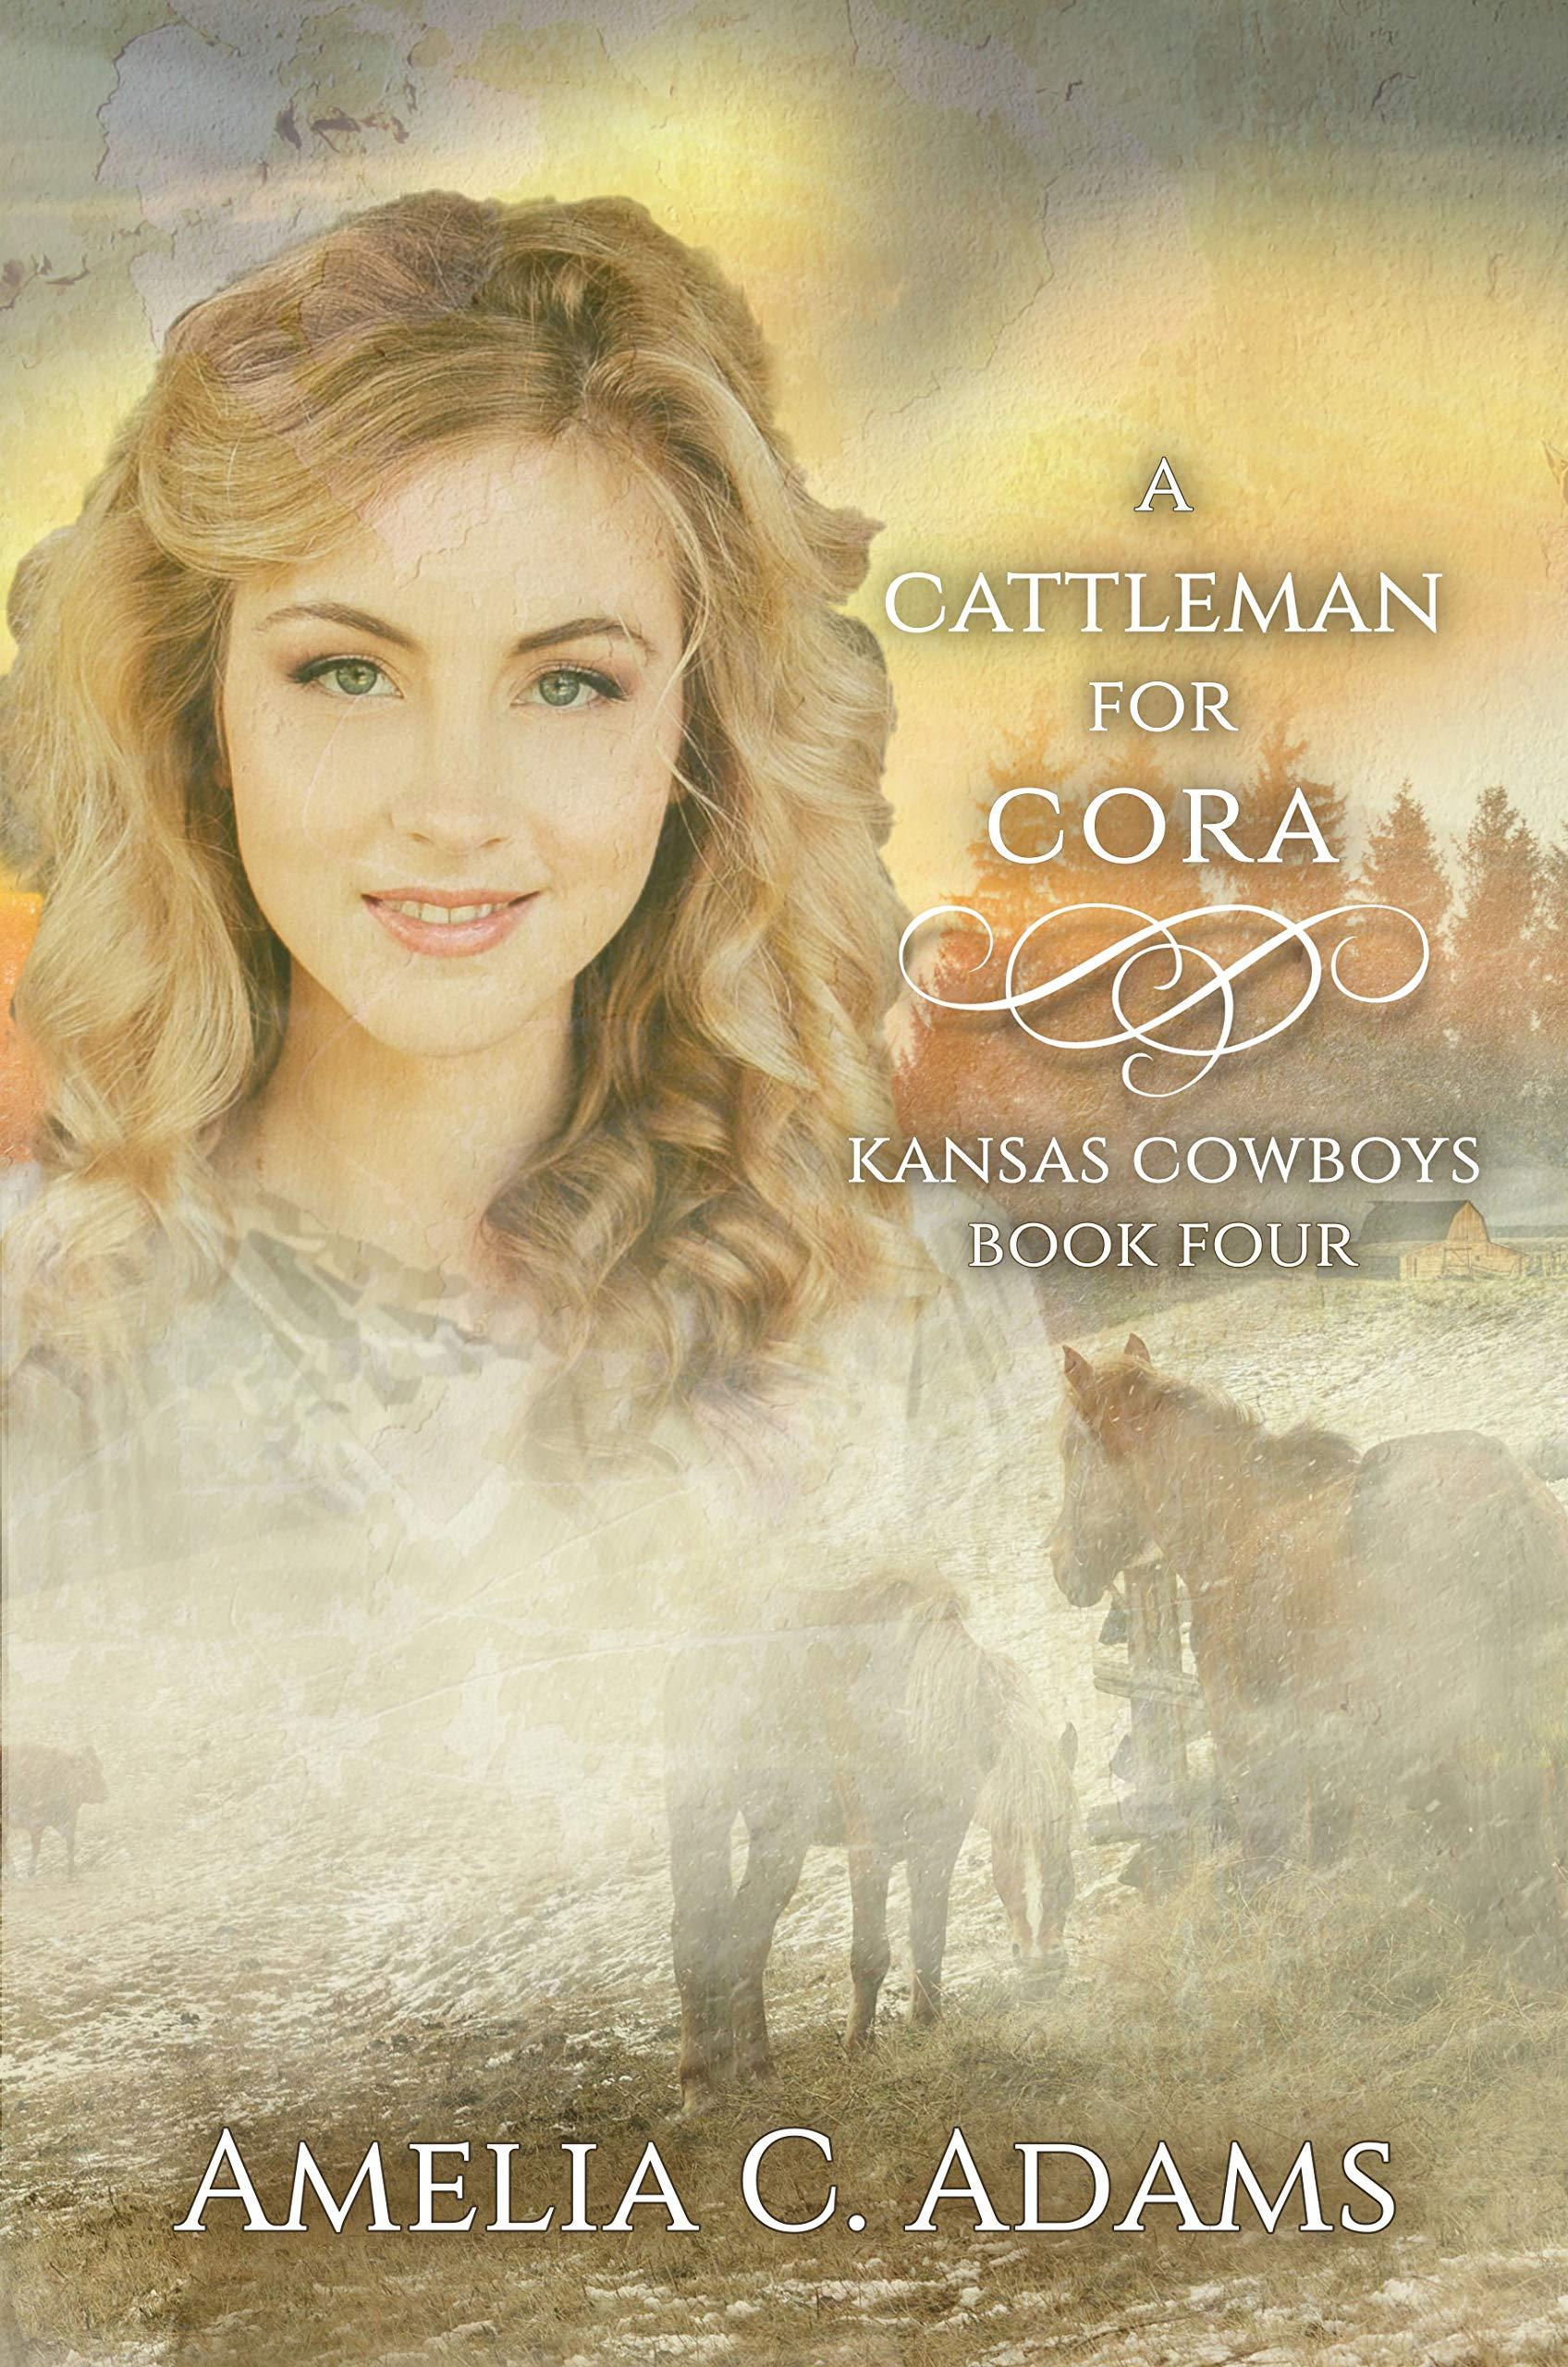 A Cattleman for Cora (Kansas Cowboys #4)